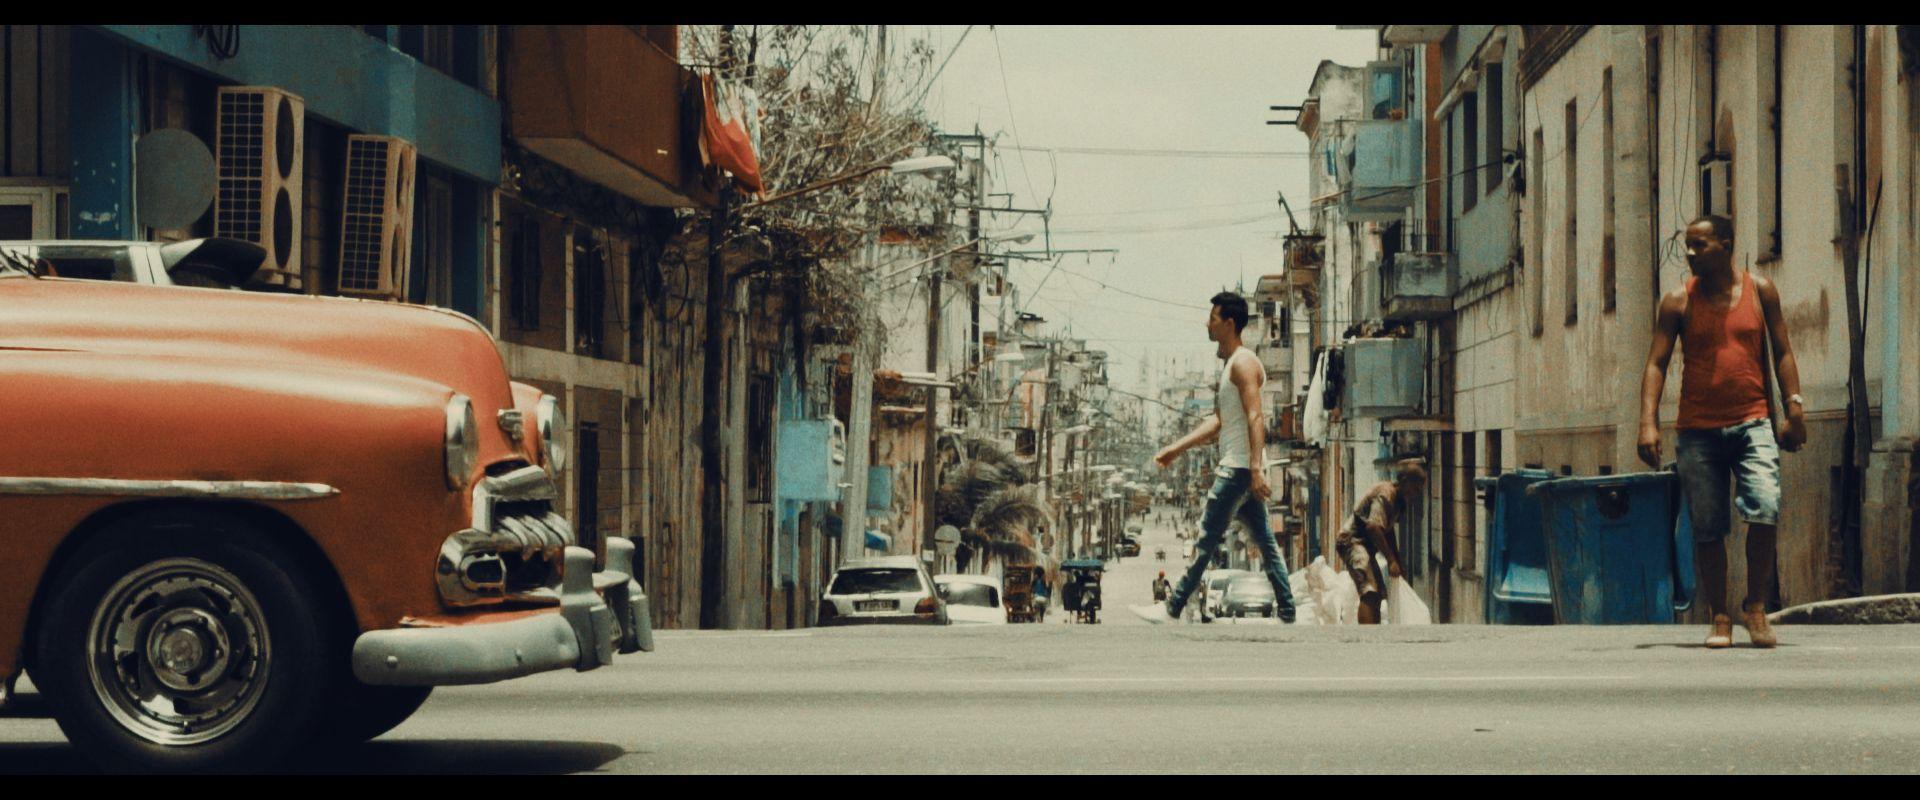 Mann geht über Strasse in Kuba